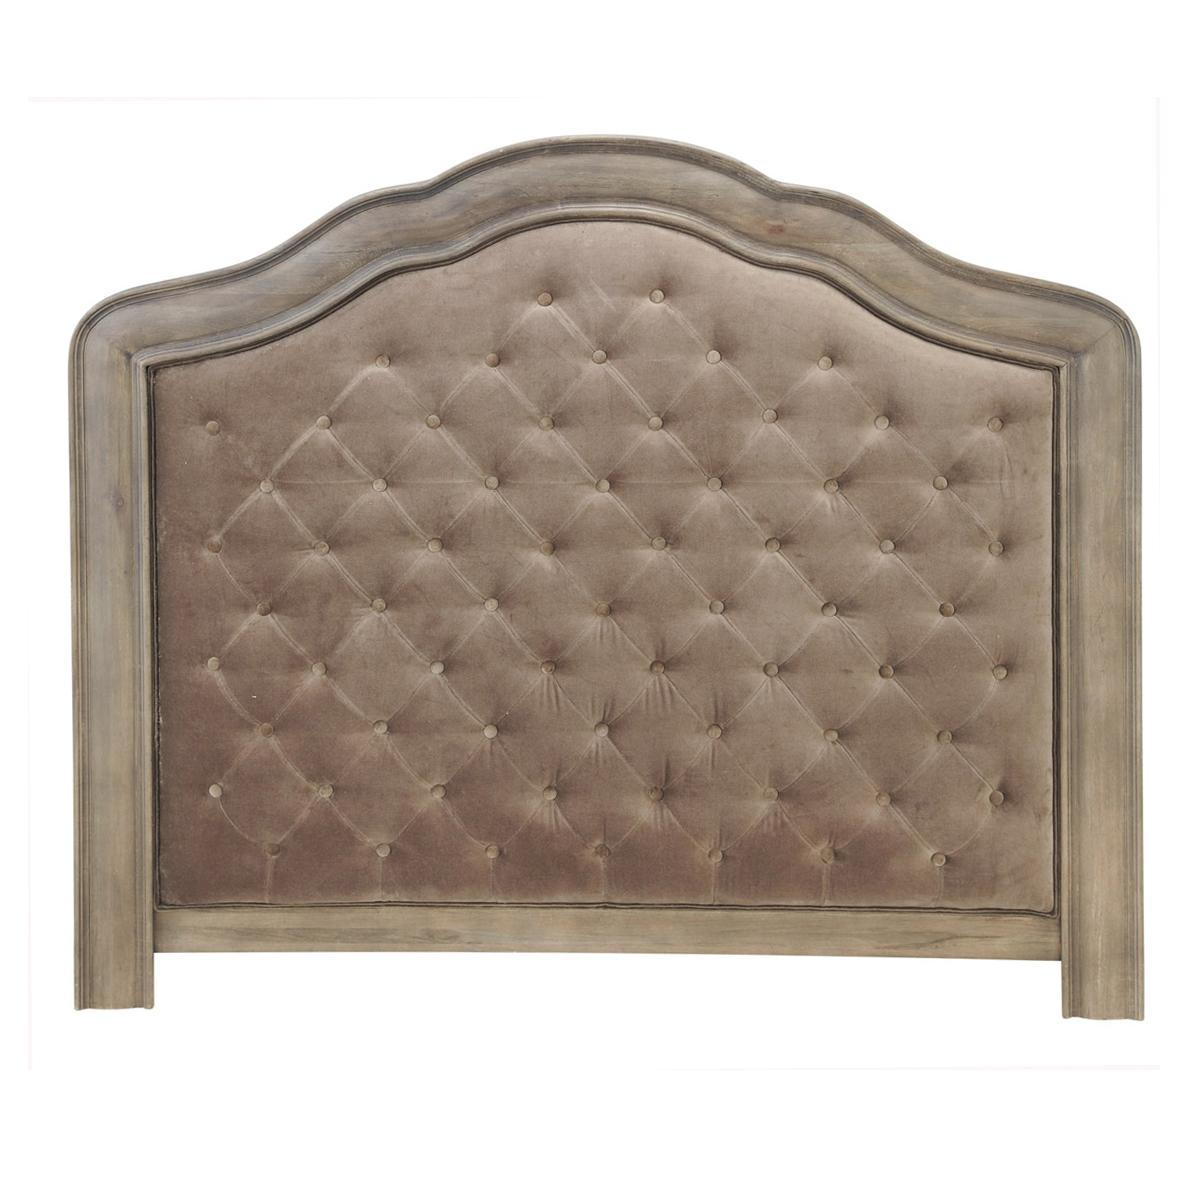 Foto cabecero de cama acolchado de 160 de terciopelo topo - Cabecero de cama acolchado ...